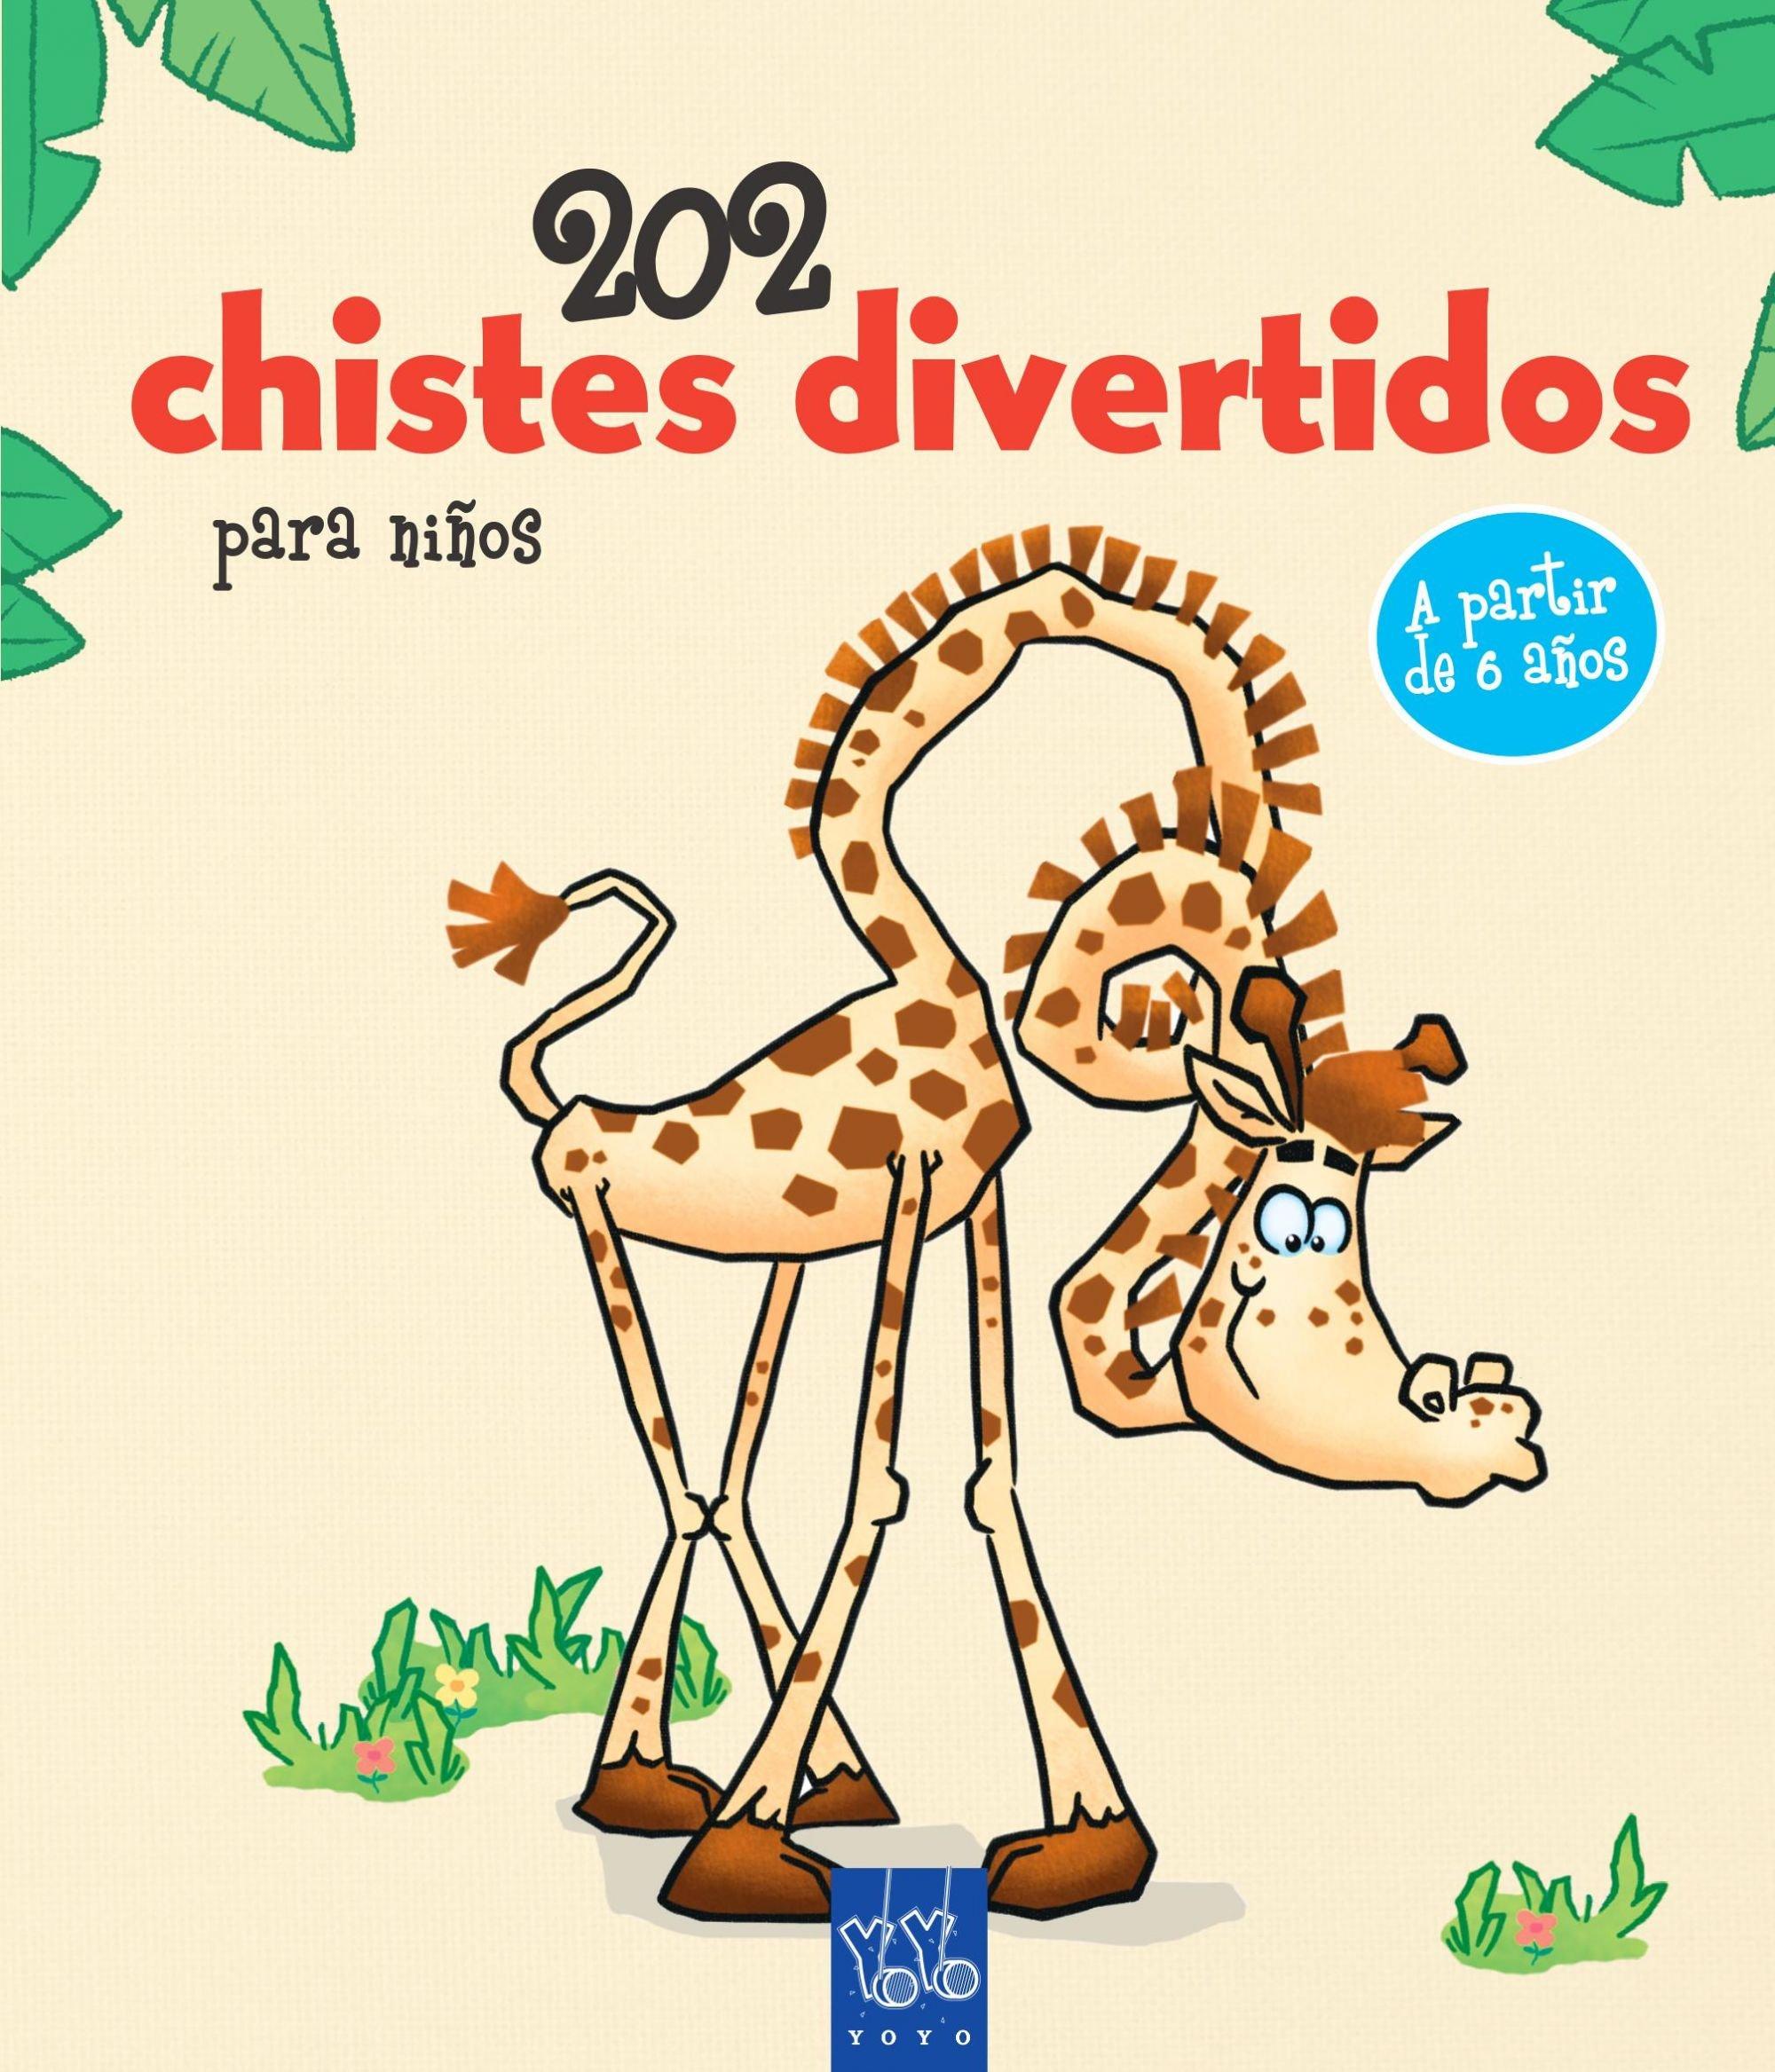 202 chistes divertidos para niños. 1 Los chistes más divertidos: Amazon.es: YOYO, Editorial Planeta S. A.: Libros